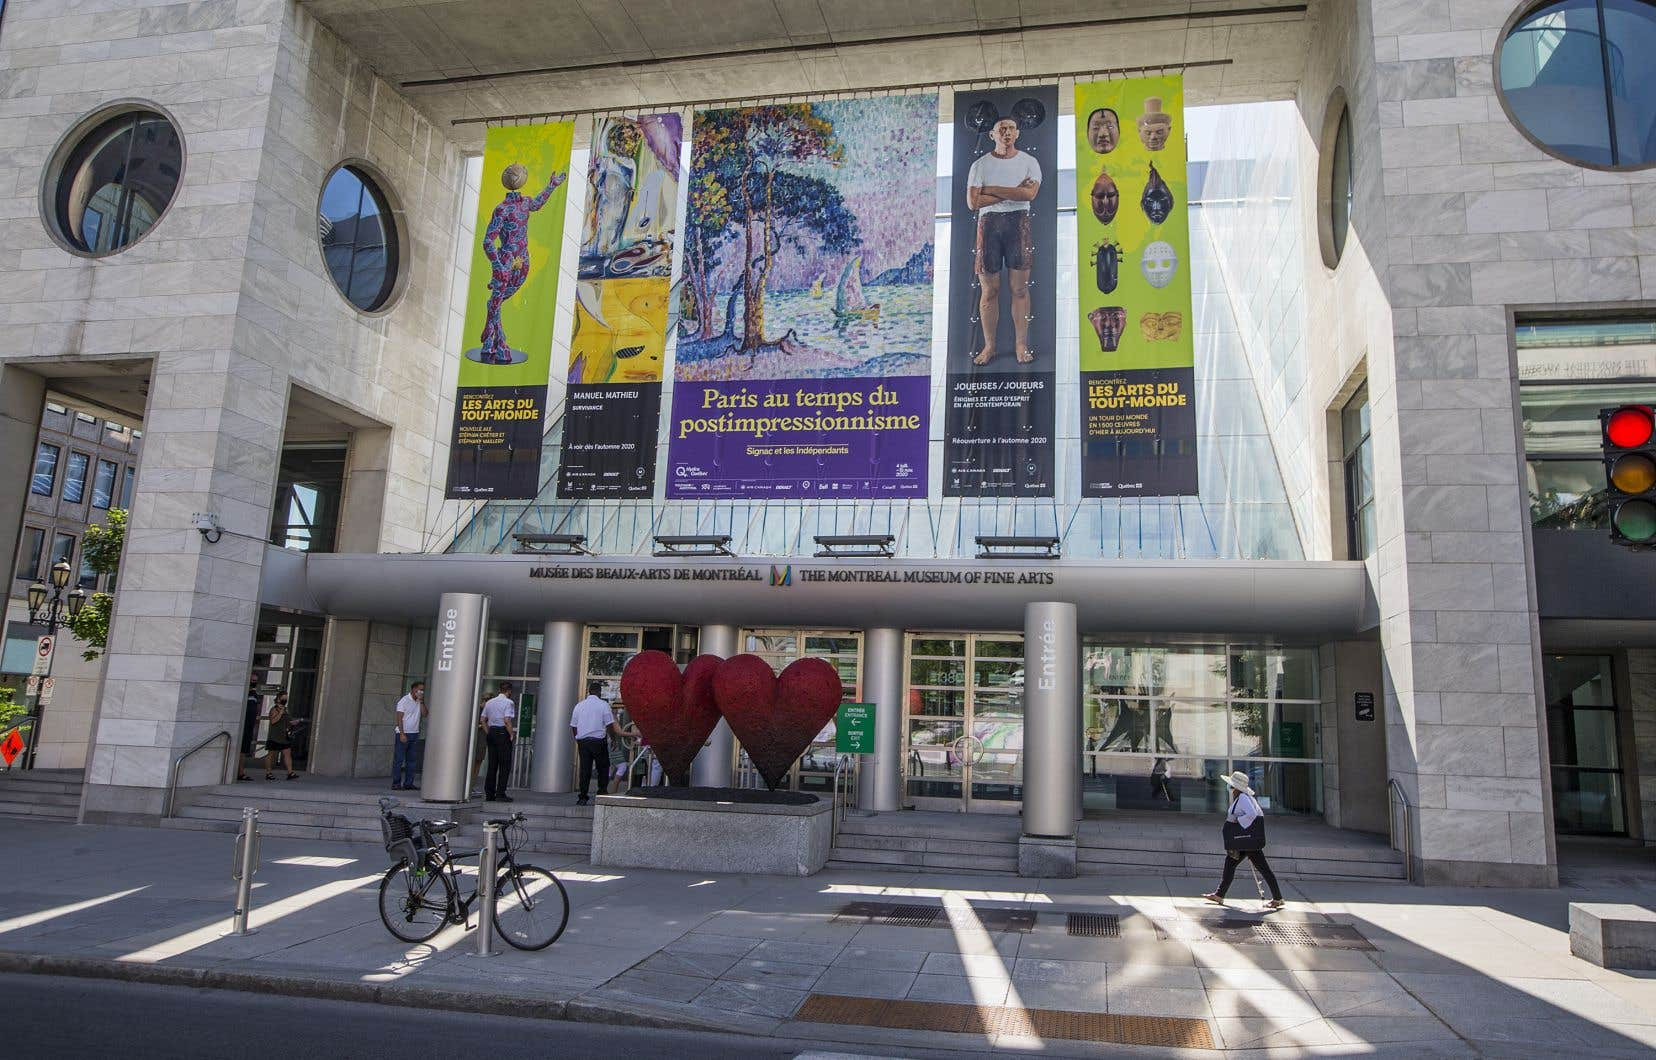 Le CA du Musée des beaux-arts de Montréal a rejeté la demande de convocation d'une assemblée spéciale des membres du Musée, réclamée par pétition.